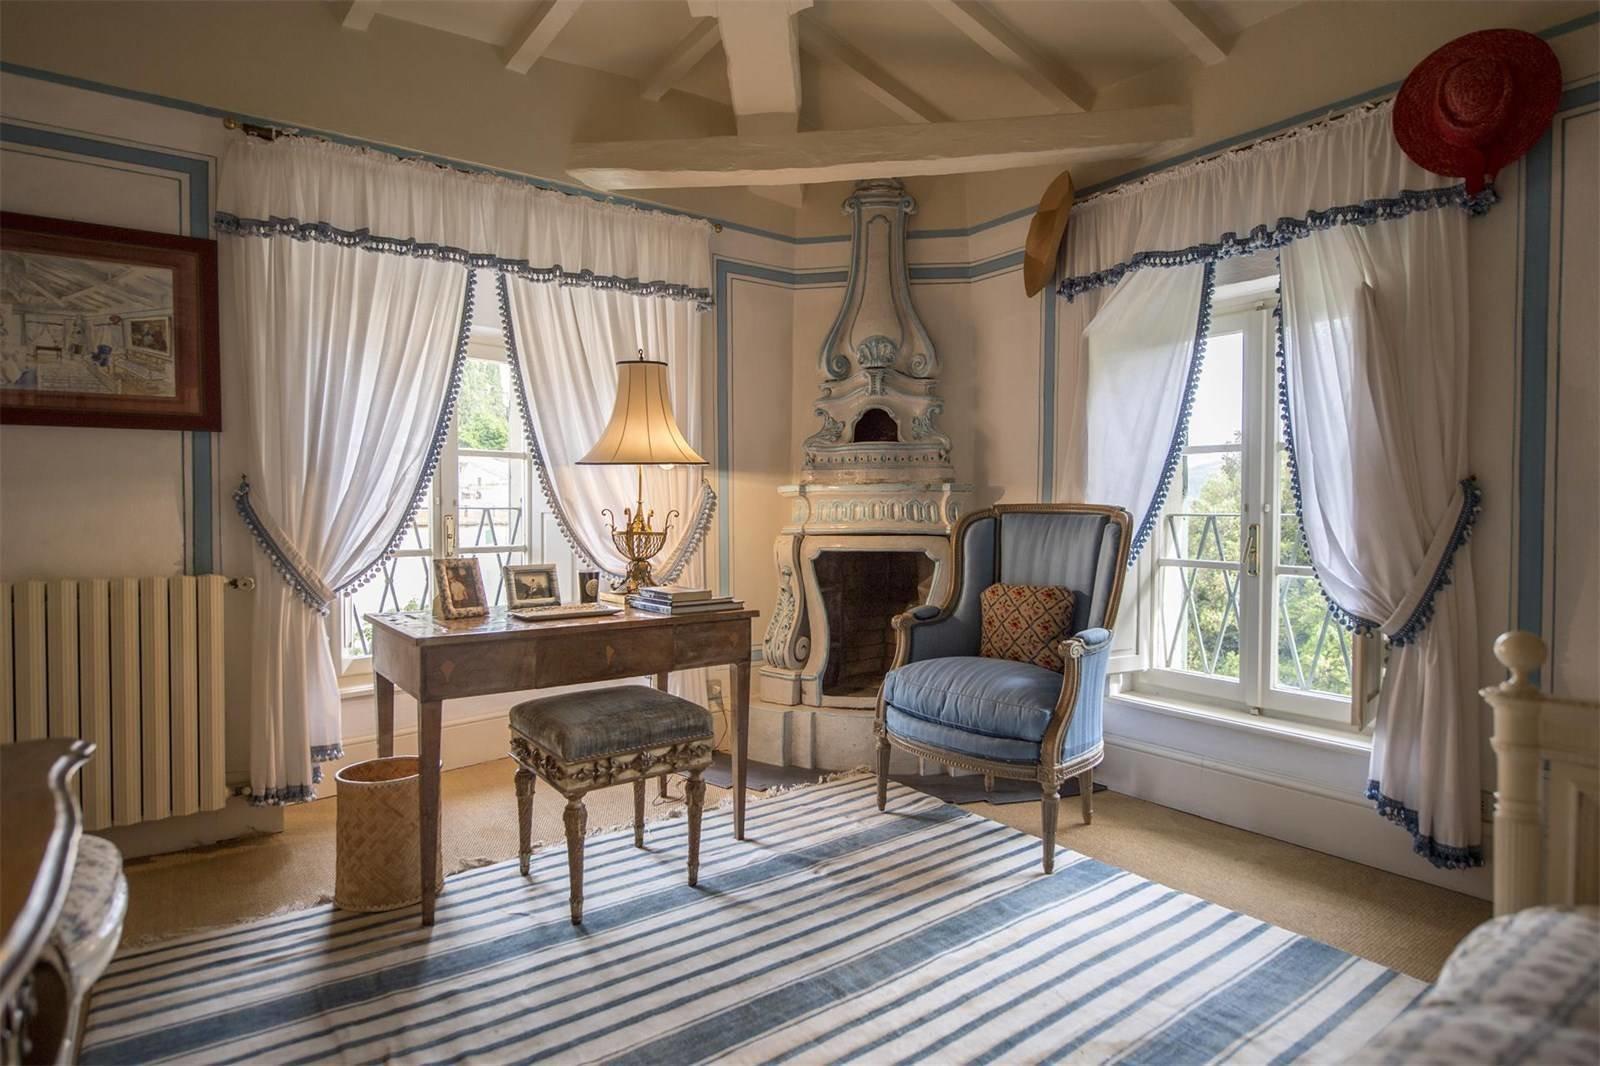 Villa La Vagnola Renzo Mongiardino bedroom